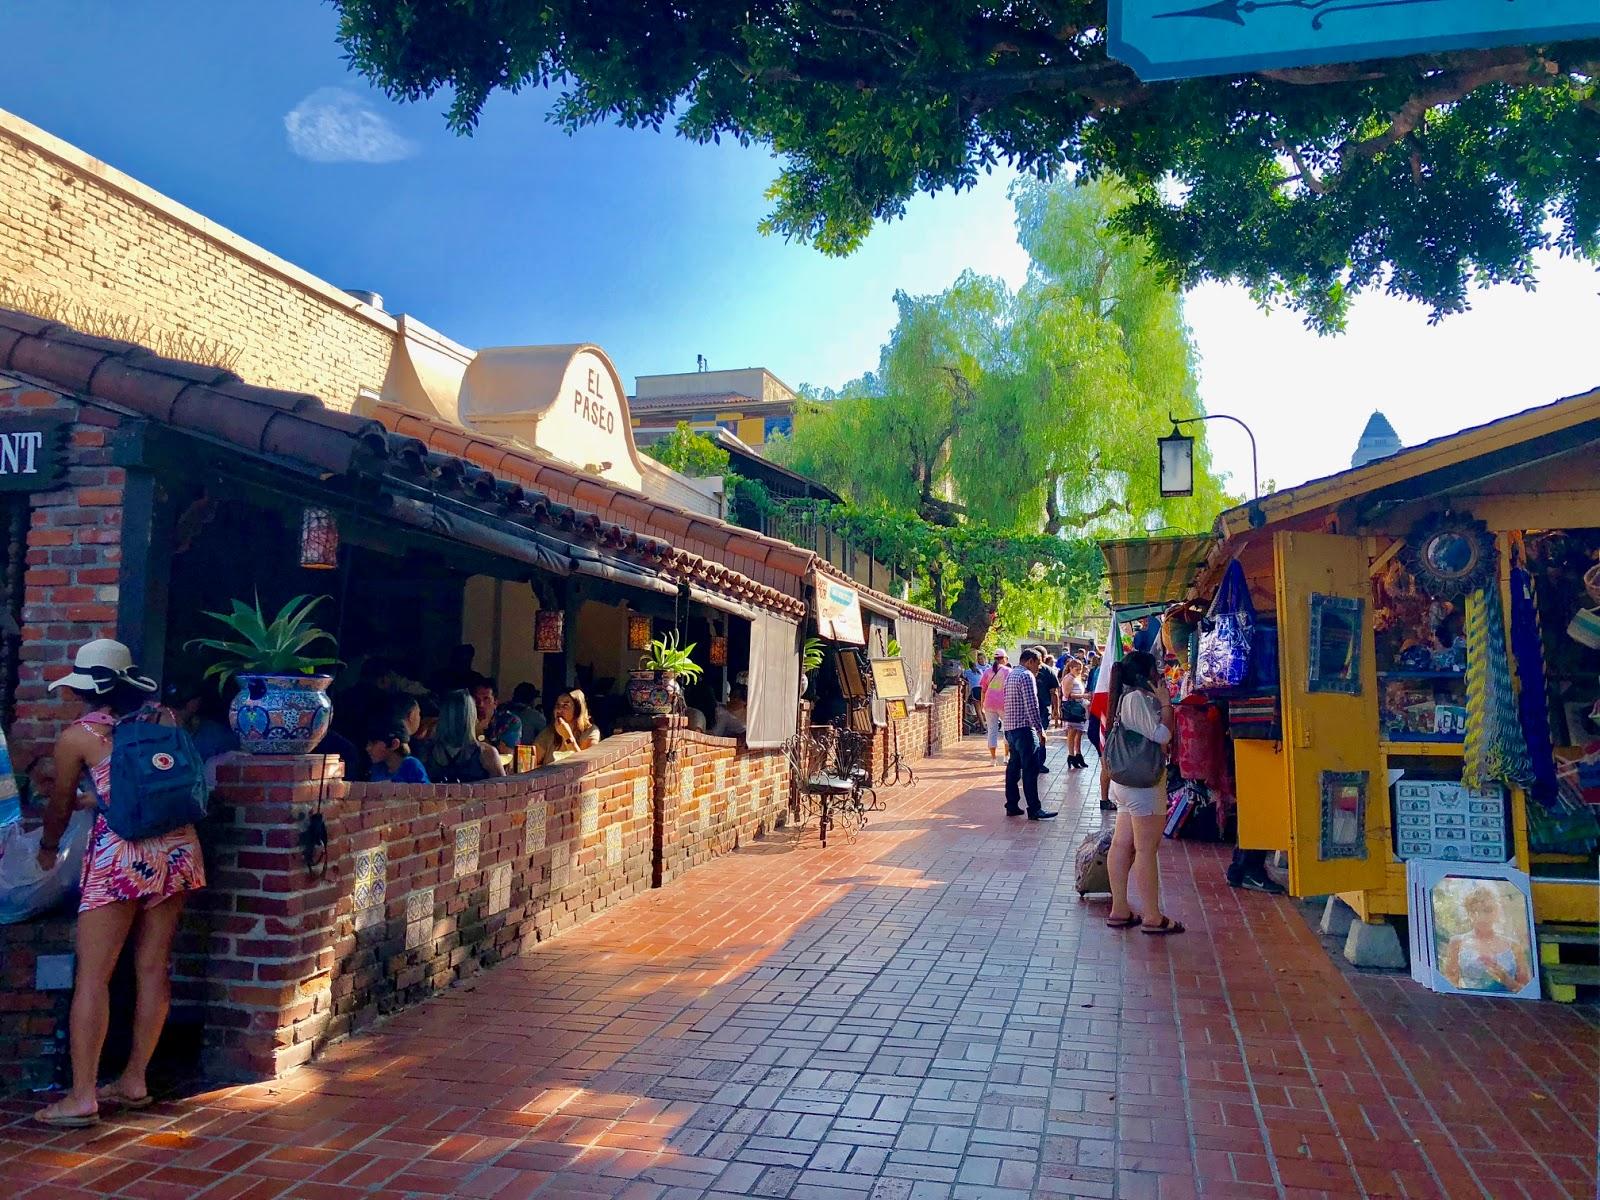 Olvera Street Los Angeles - Life in Wanderlust